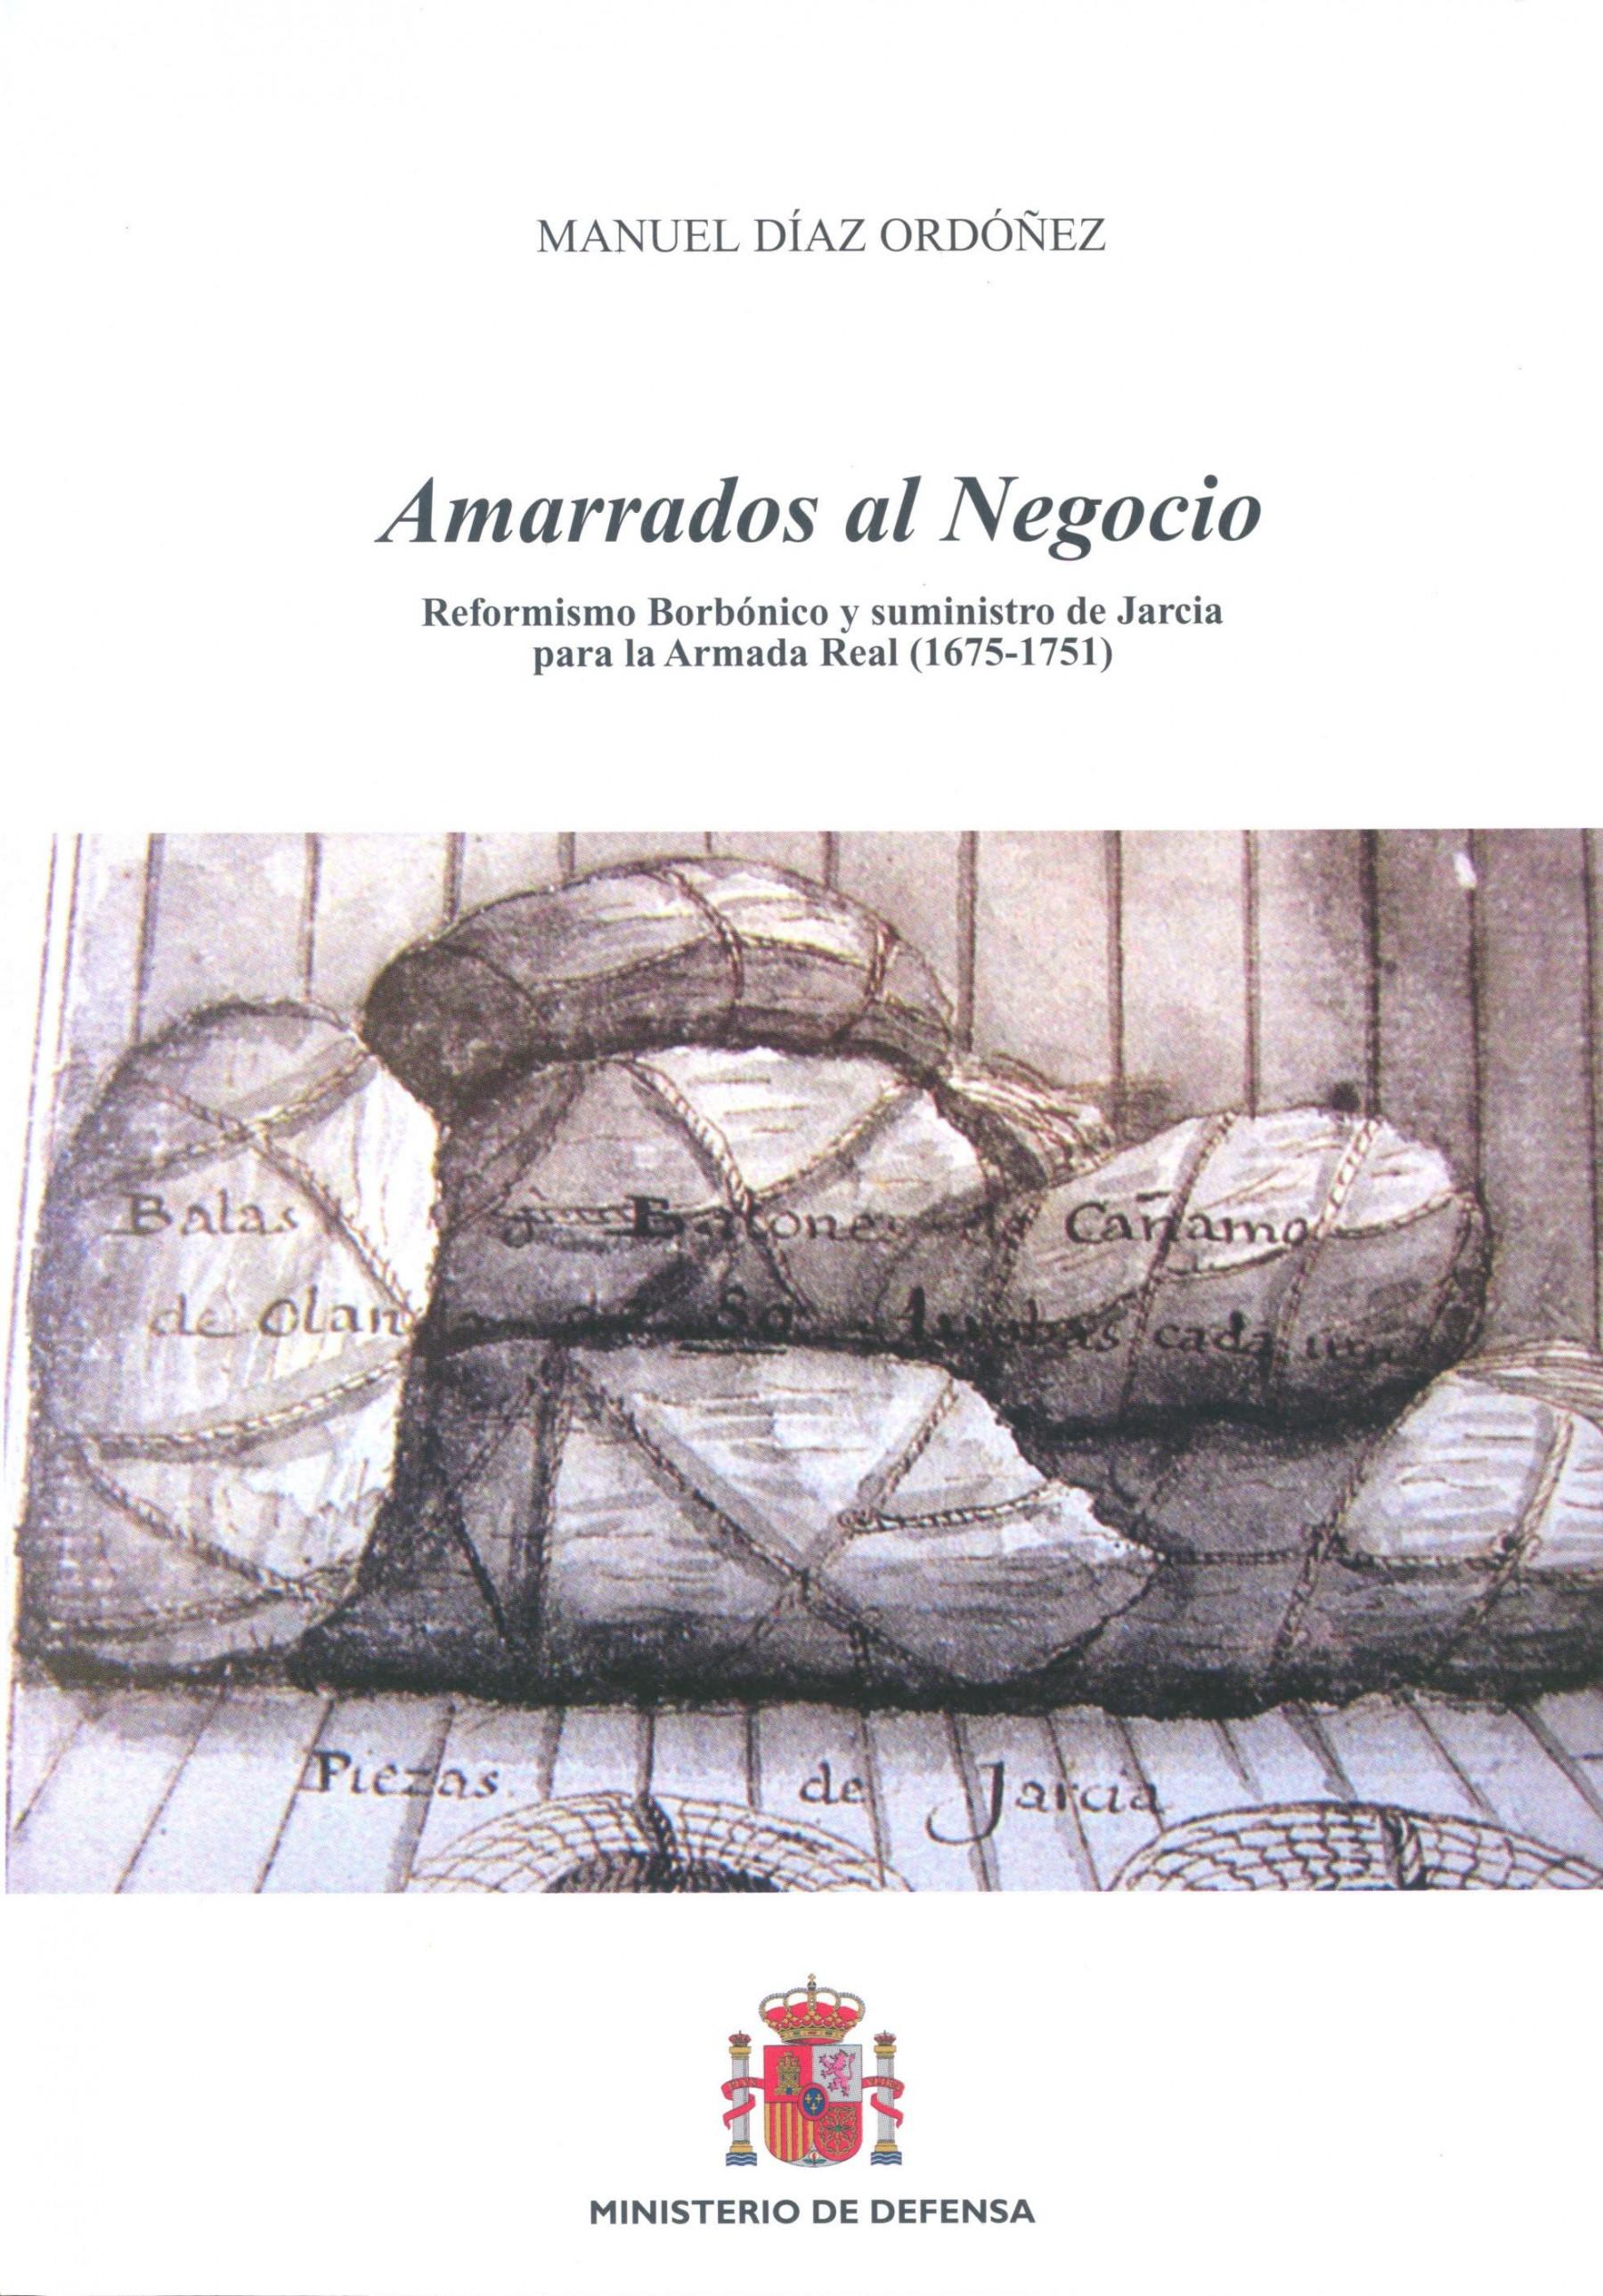 AMARRADOS AL NEGOCIO: REFORMISMO BORBÓNICO Y SUMINISTRO DE JARCIA PARA LA ARMADA REAL (1675-1751)